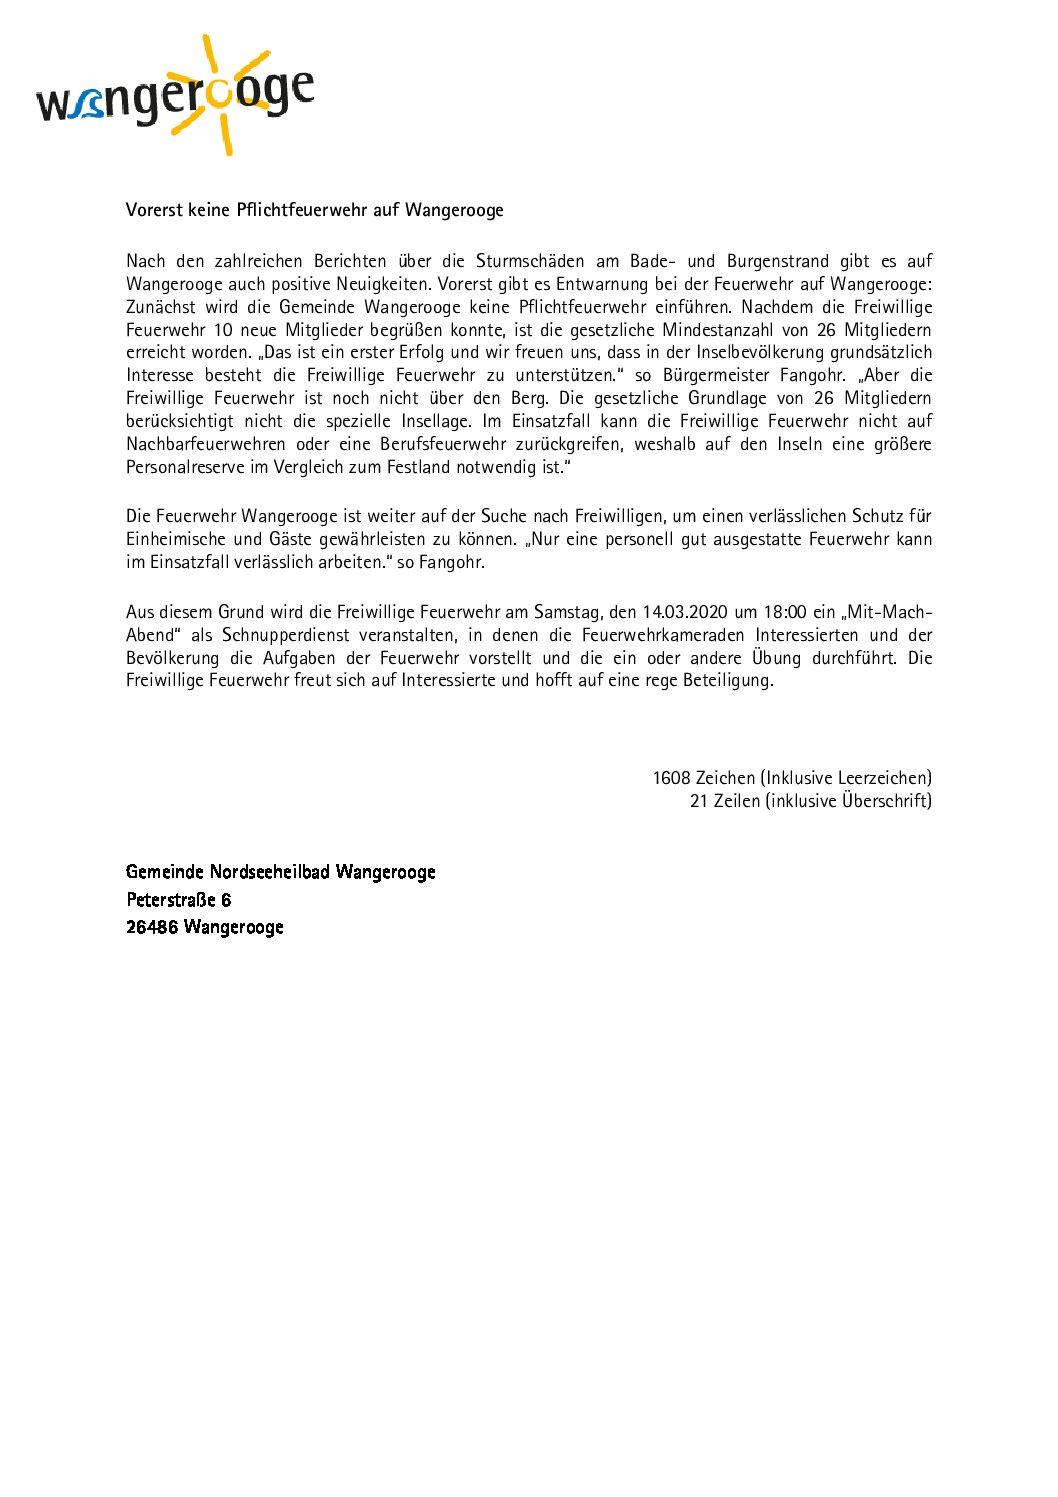 Vorerst wird auf Wangerooge keine Pflichtfeuerwehr eingeführt